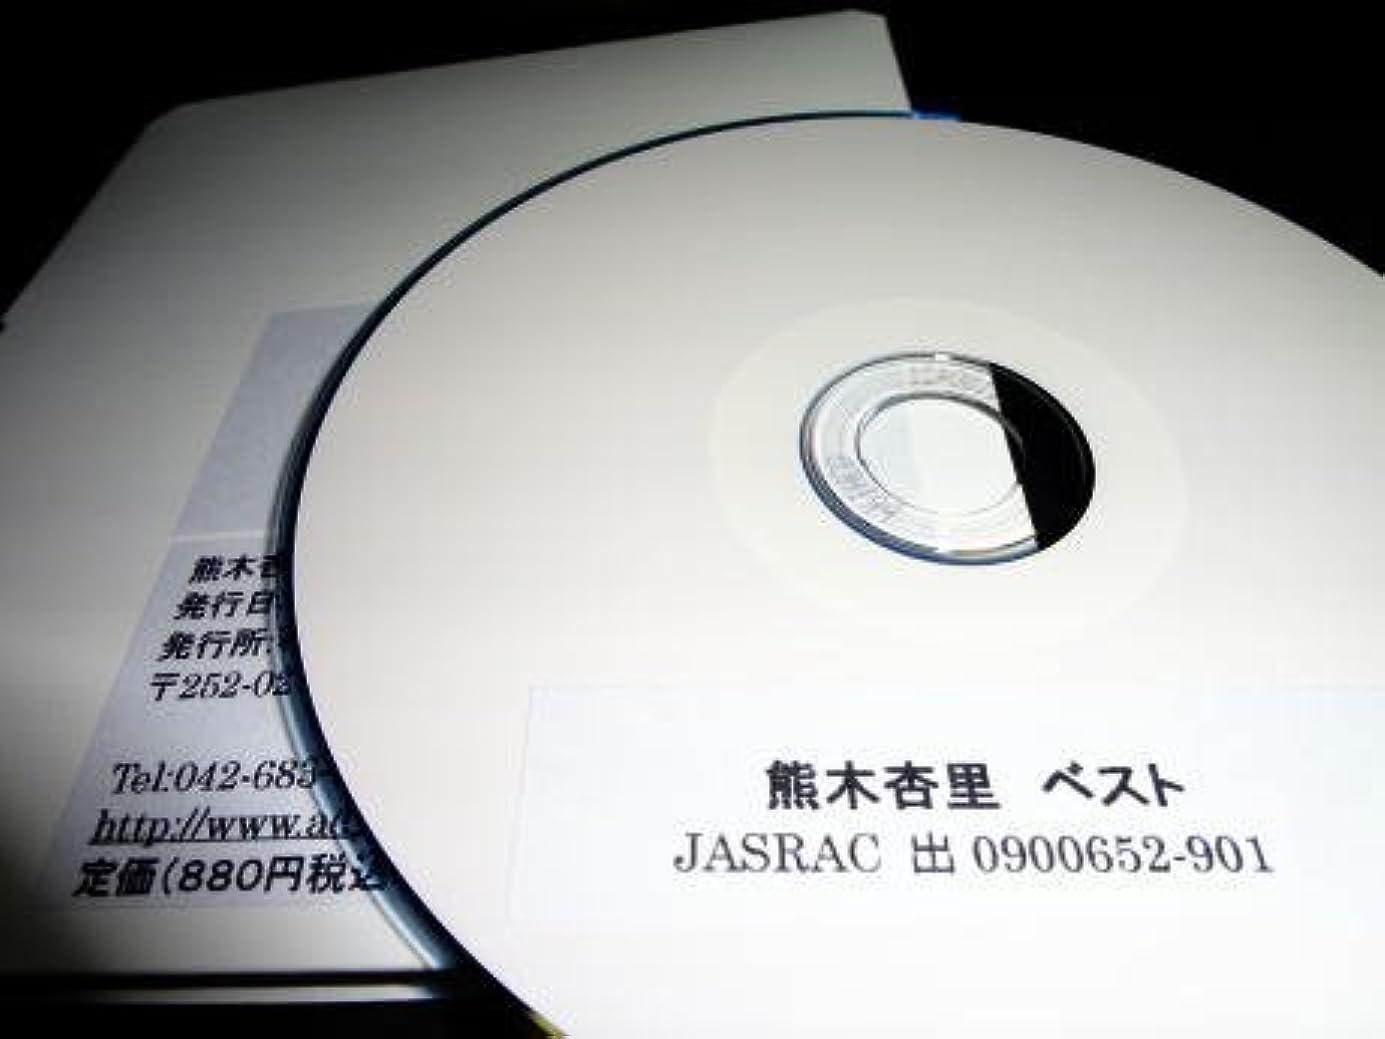 失速発送明確なギターコード譜シリーズ(CD-R版)/熊木杏里 ベスト(全61曲収録)